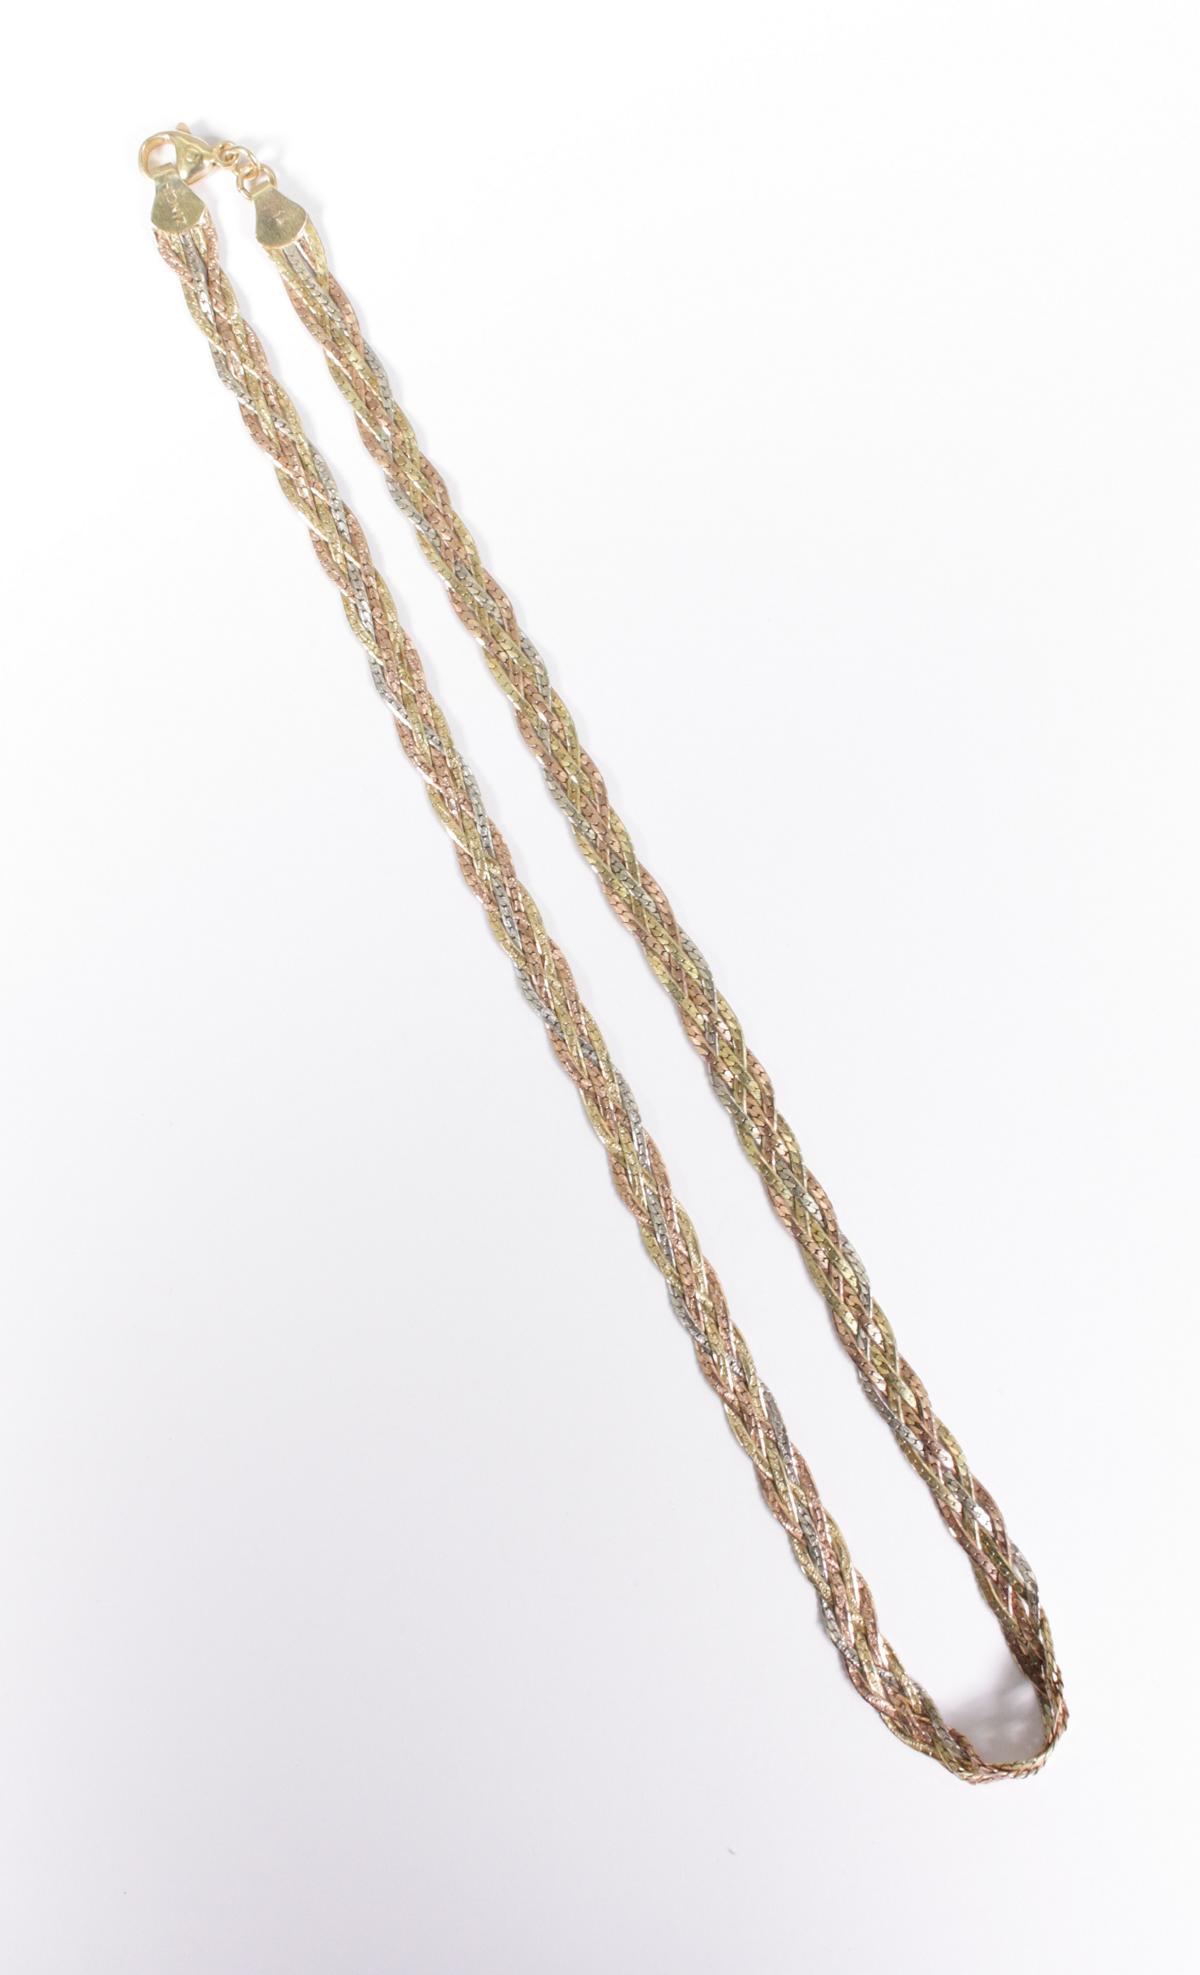 Halskette aus 14 Karat Weiß-, Rot-, und Gelbgold-5